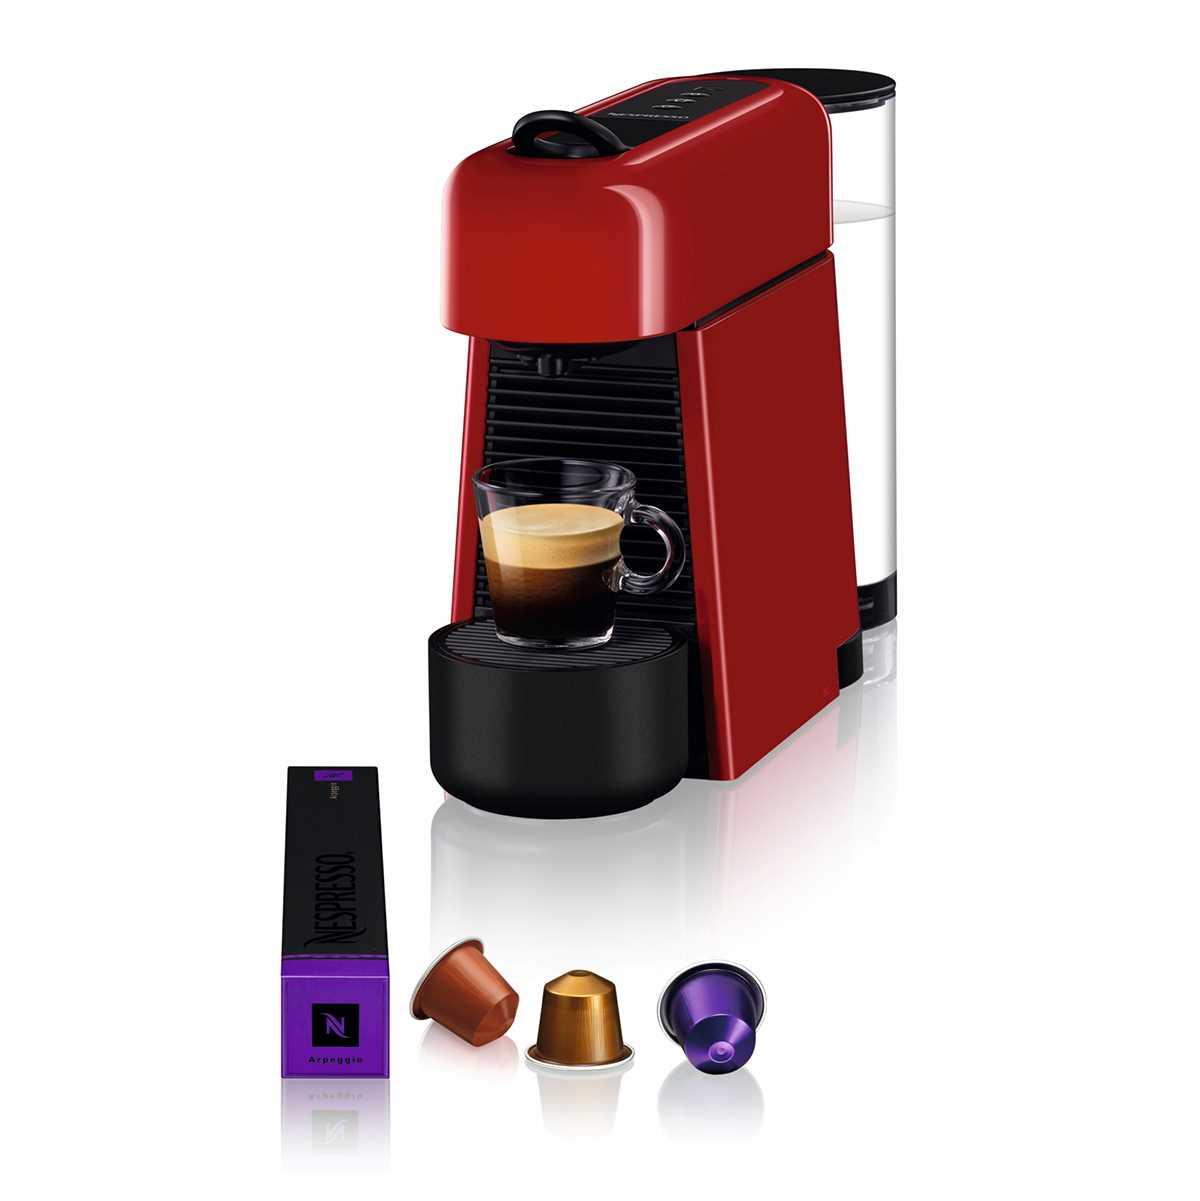 מכונת אספרסו Nespresso Essenza D45 Plus נספרסו - צבע אדום - תמונה 1